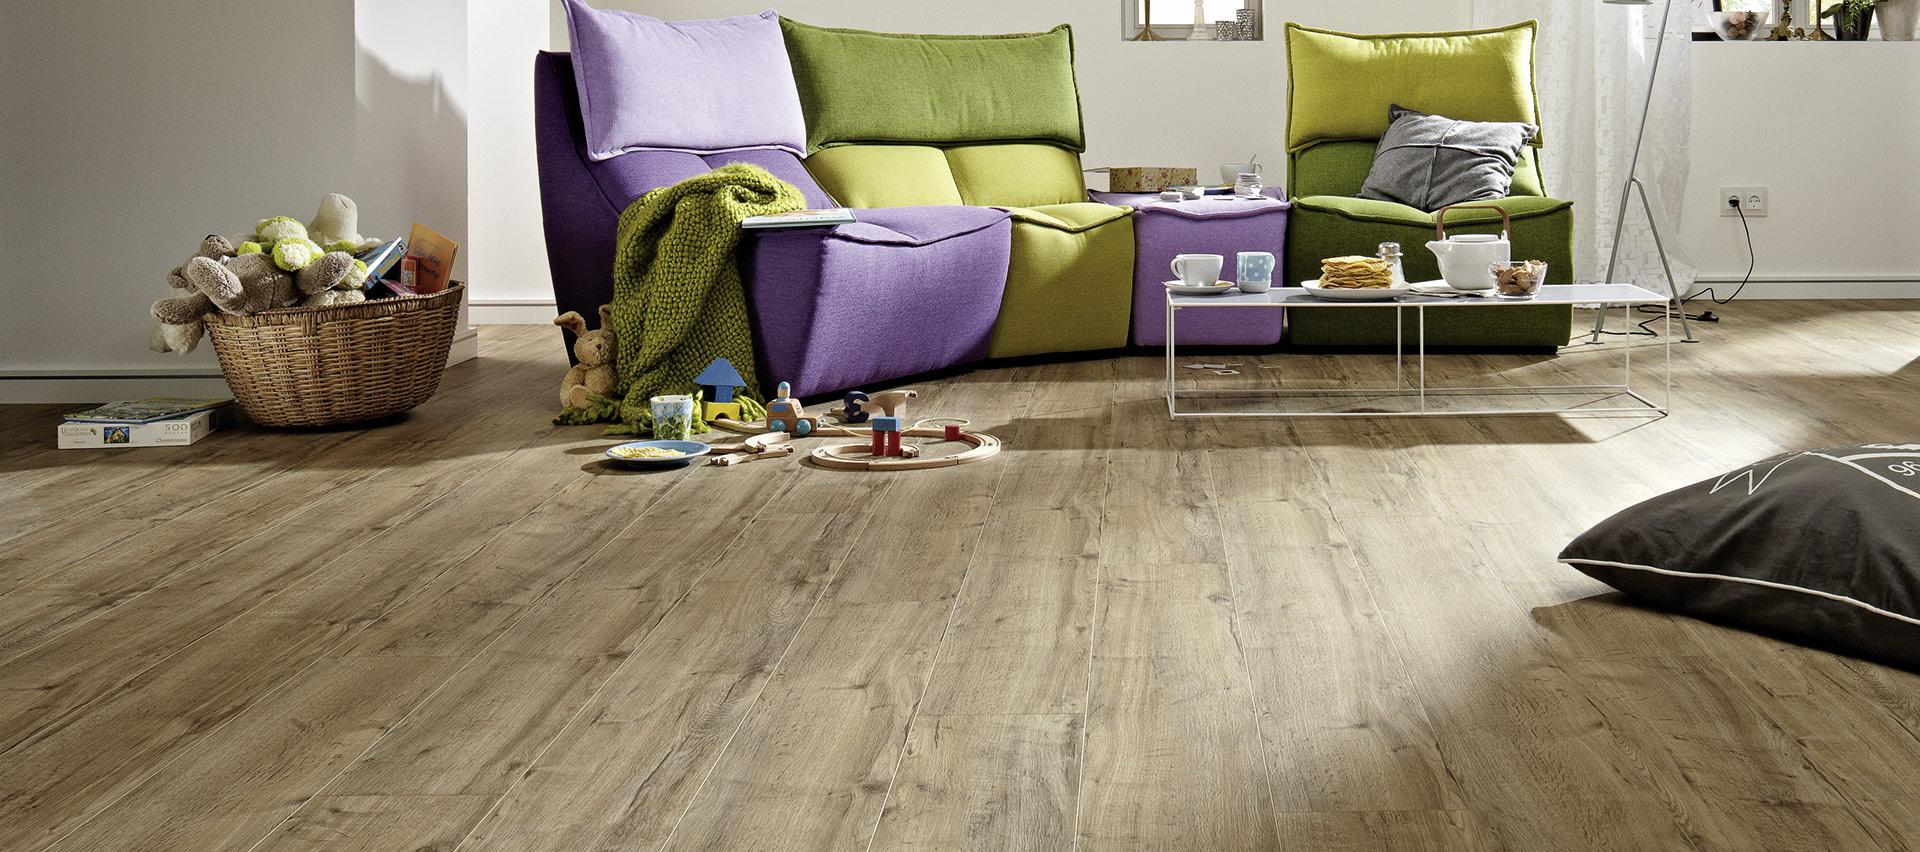 Designboden Holz von Holz-Hauff in Leingarten